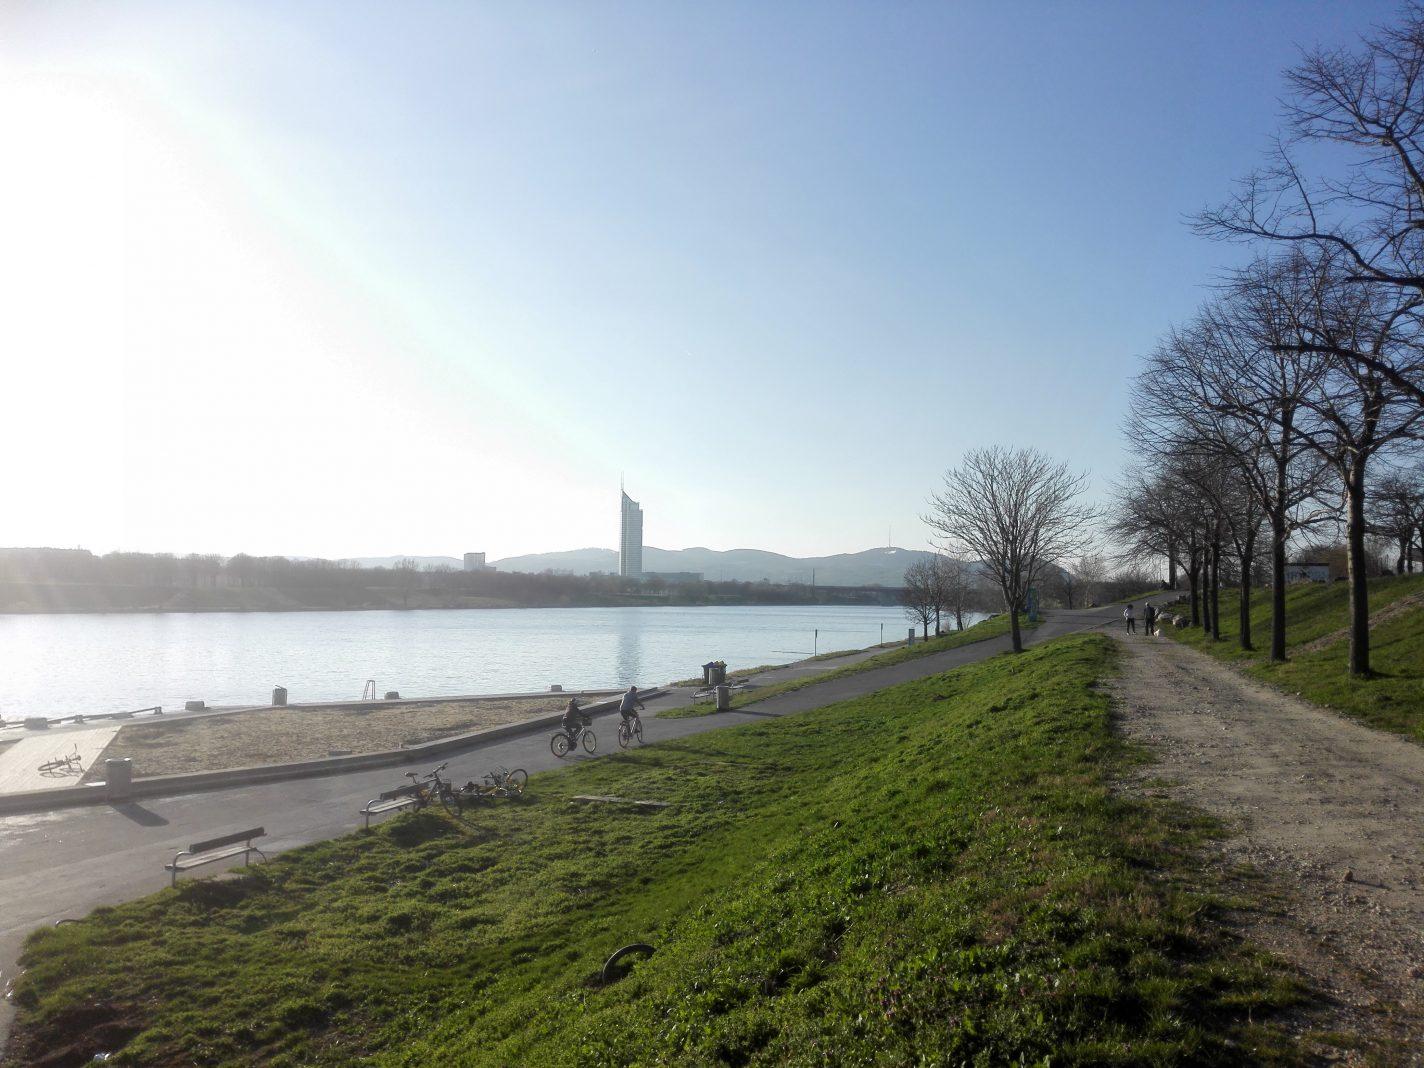 Top 20 stedentrips - Stedentrip Wenen